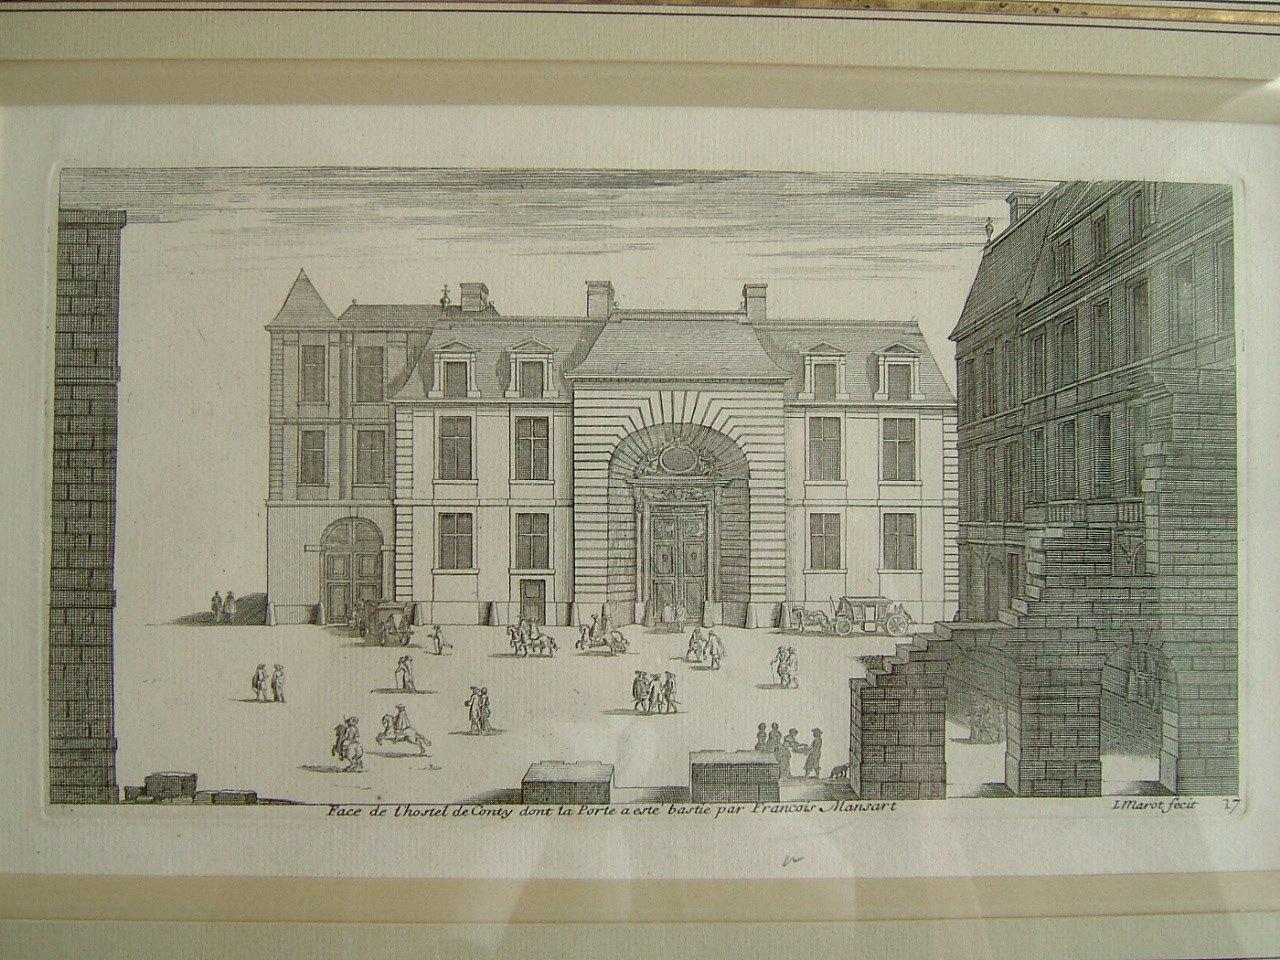 Face de l'hostel de Conty dont la Porte a esté bastie par François Mansart_0